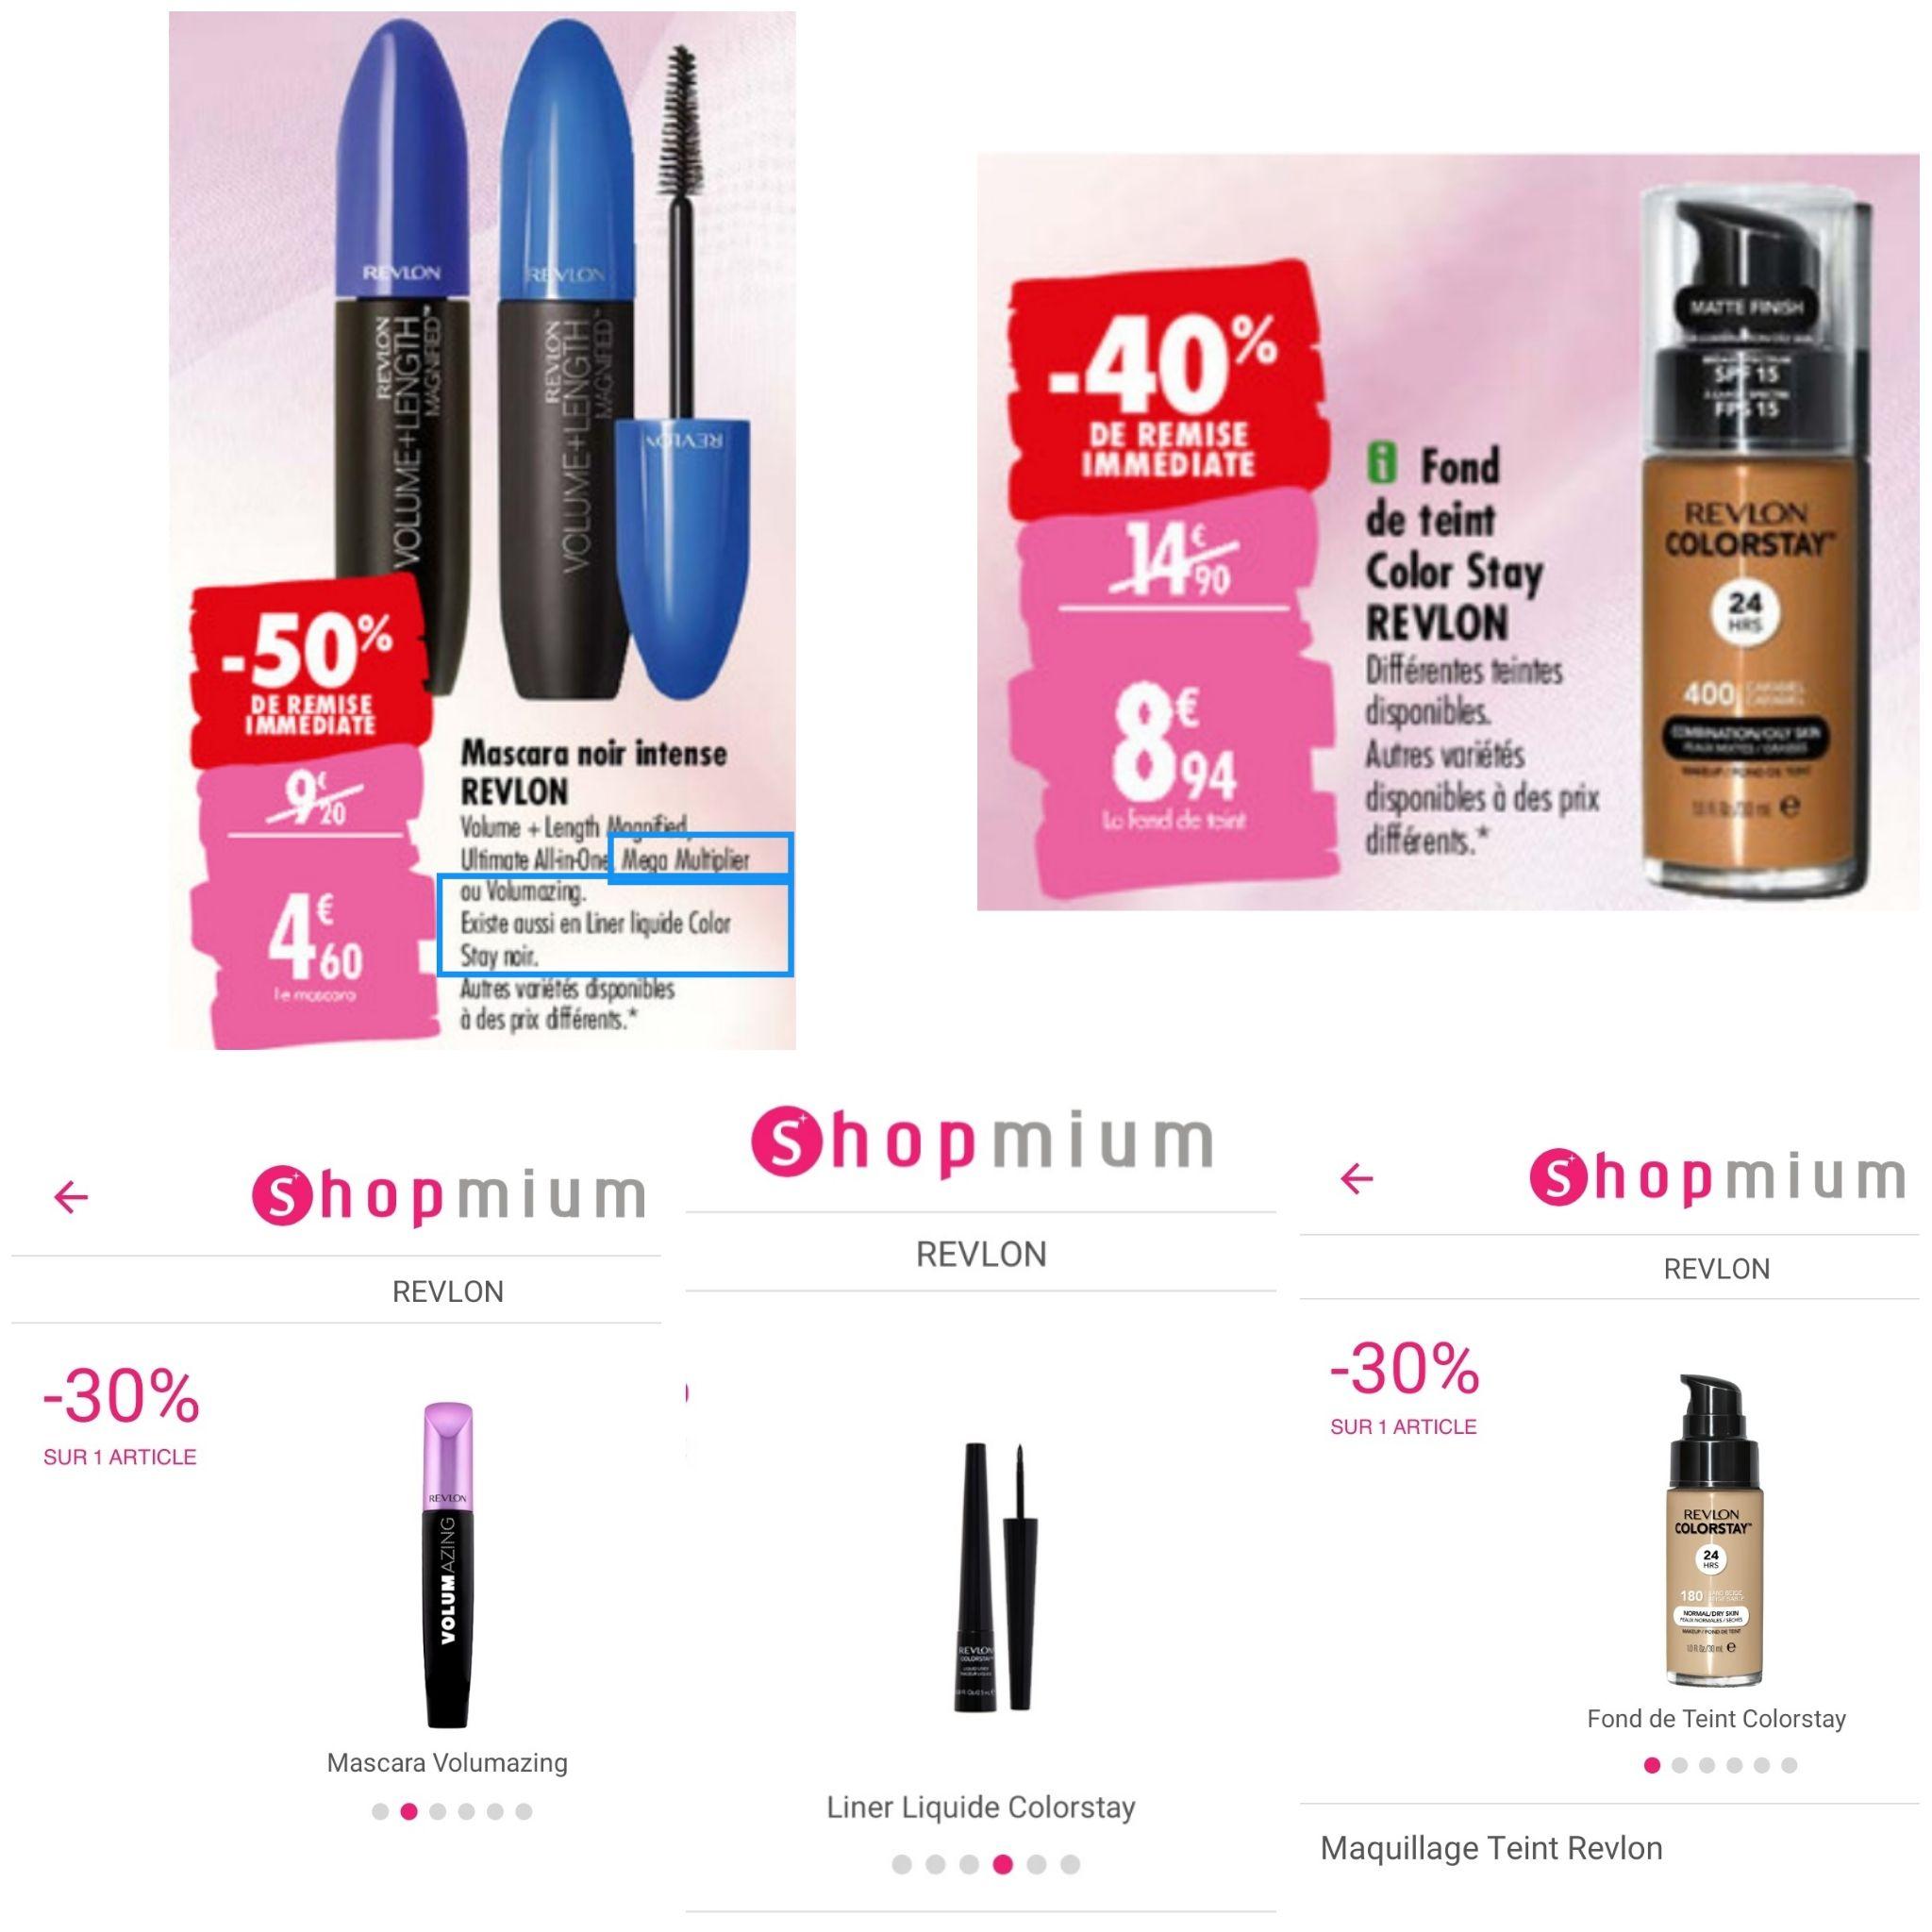 Sélection de maquillages Revlon en promotion (via Shopmium) - Ex : eye-liner Revlon Exactify Intense Black